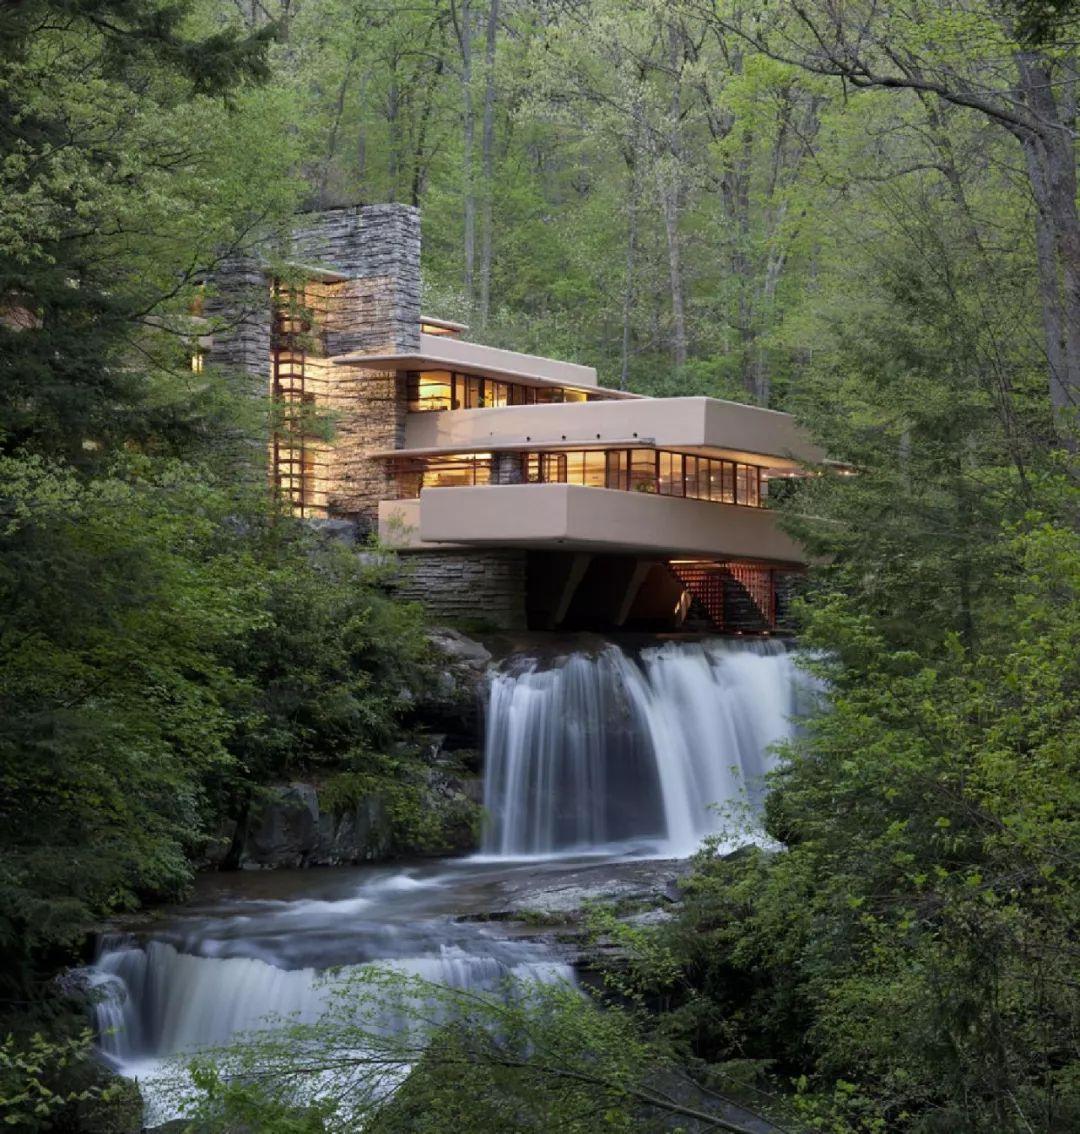 全球资讯_弗兰克·劳埃德·赖特丨自然是建筑的灵魂 - 知乎